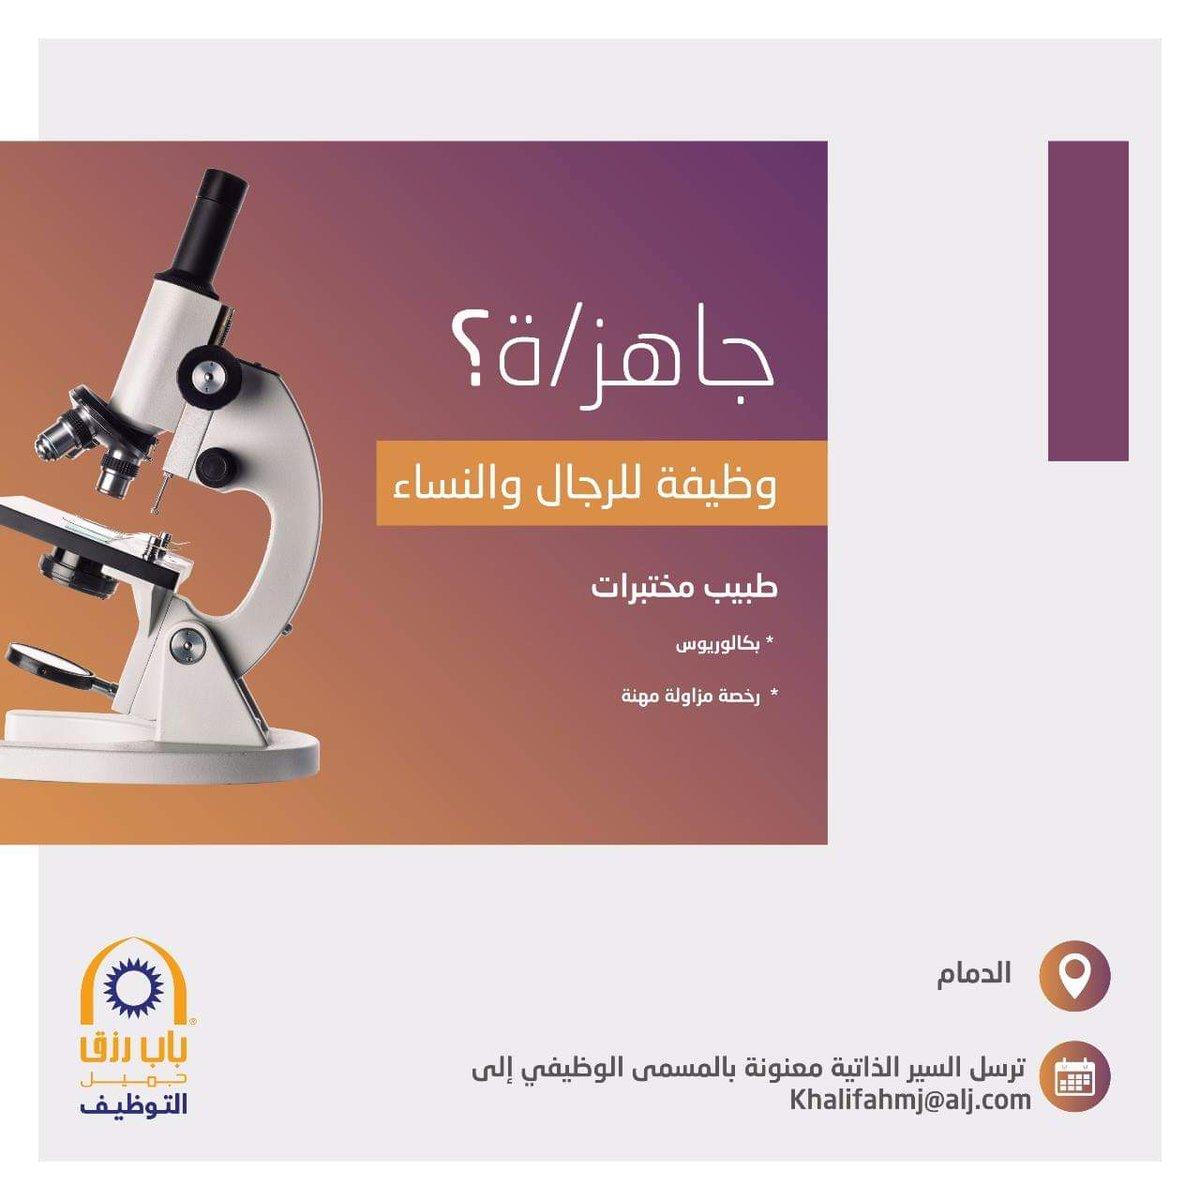 وظـــائف طبية بــاب رزق جميــل D6NqVkPWwAA_1S-.jpg